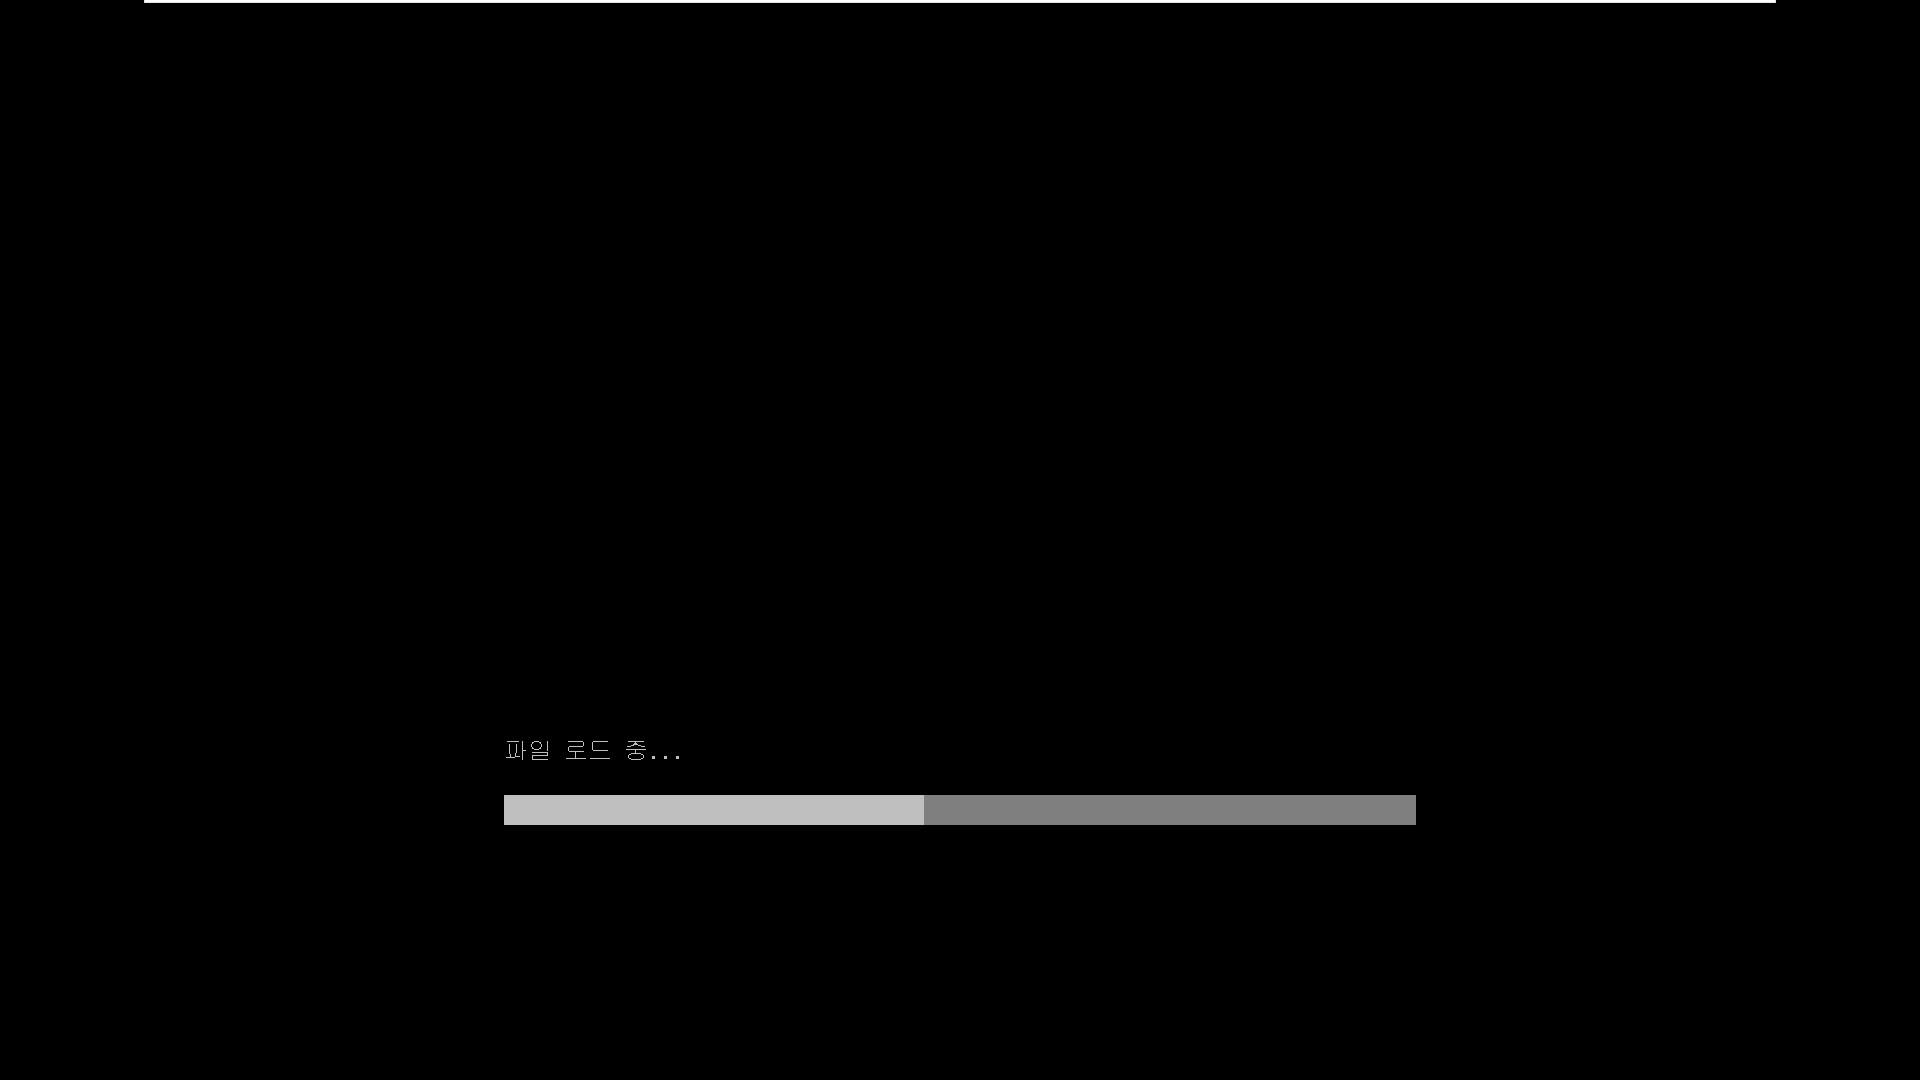 태풍OO님 Win10_Rs5_pArAoTPg35_윈도와PE의프로그램들공유-vhd만들어서vmware에연결 - 우클릭 메뉴의 PE 부팅 수정하기 2019-01-11_141100.jpg